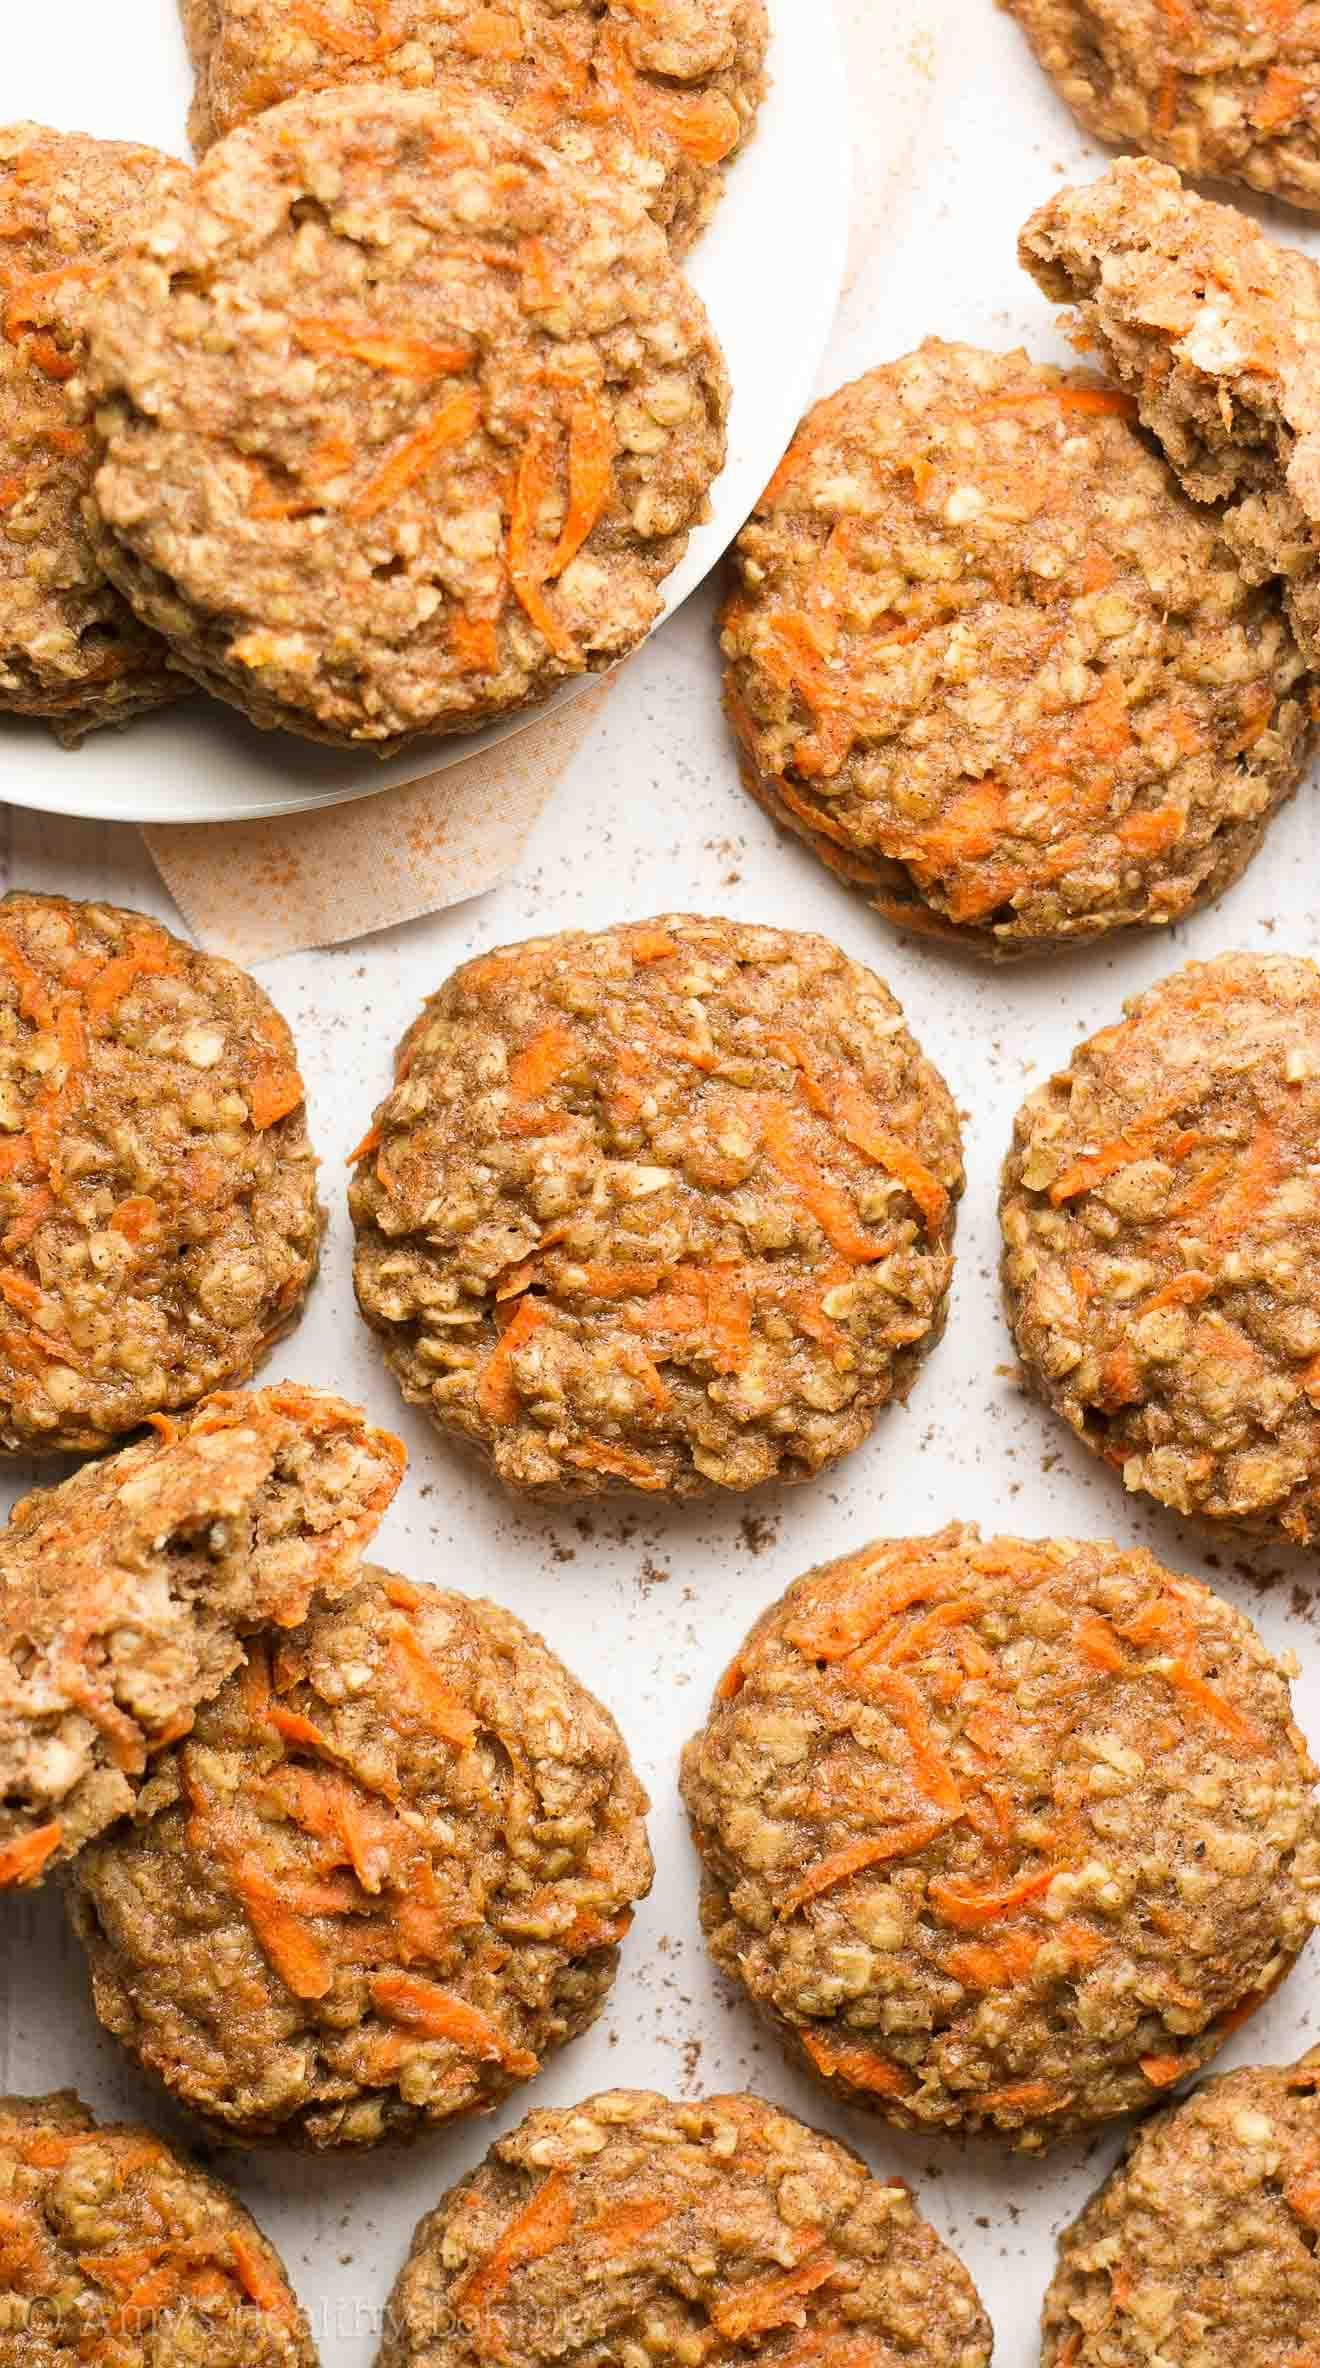 Healthy Breakfast Baking Recipes  Healthy Carrot Cake Oatmeal Breakfast Cookies